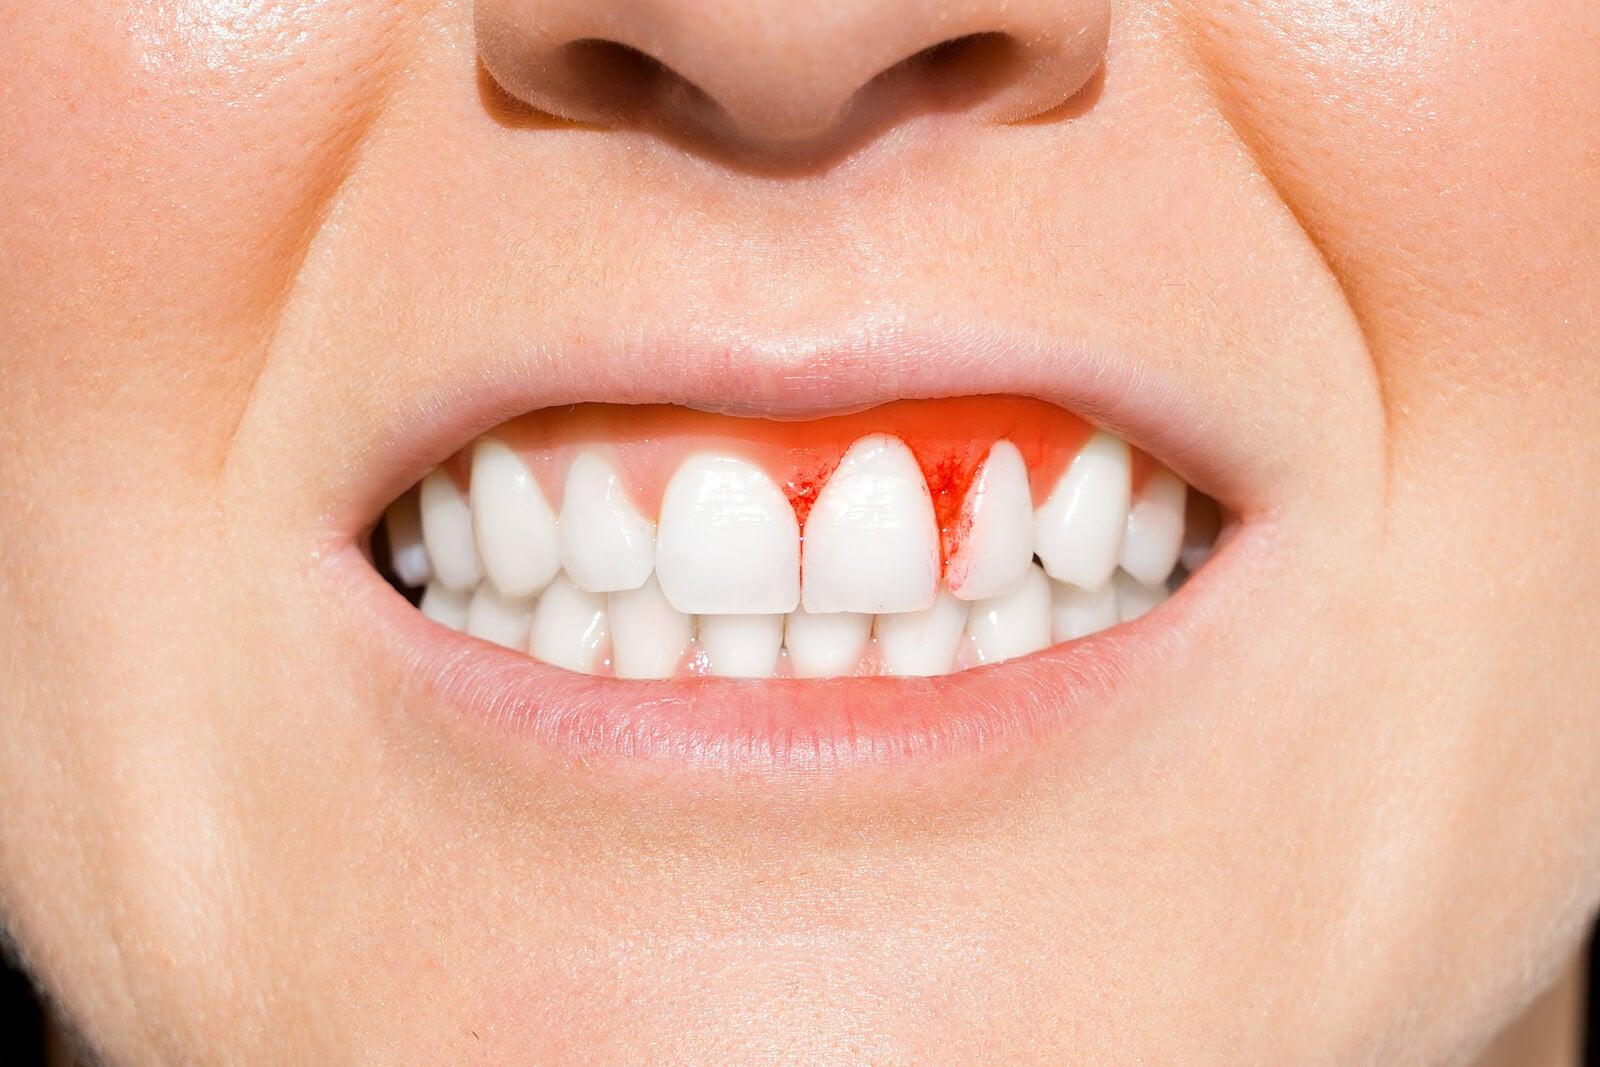 Entre las enfermedades bucales comunes está la gingivitis